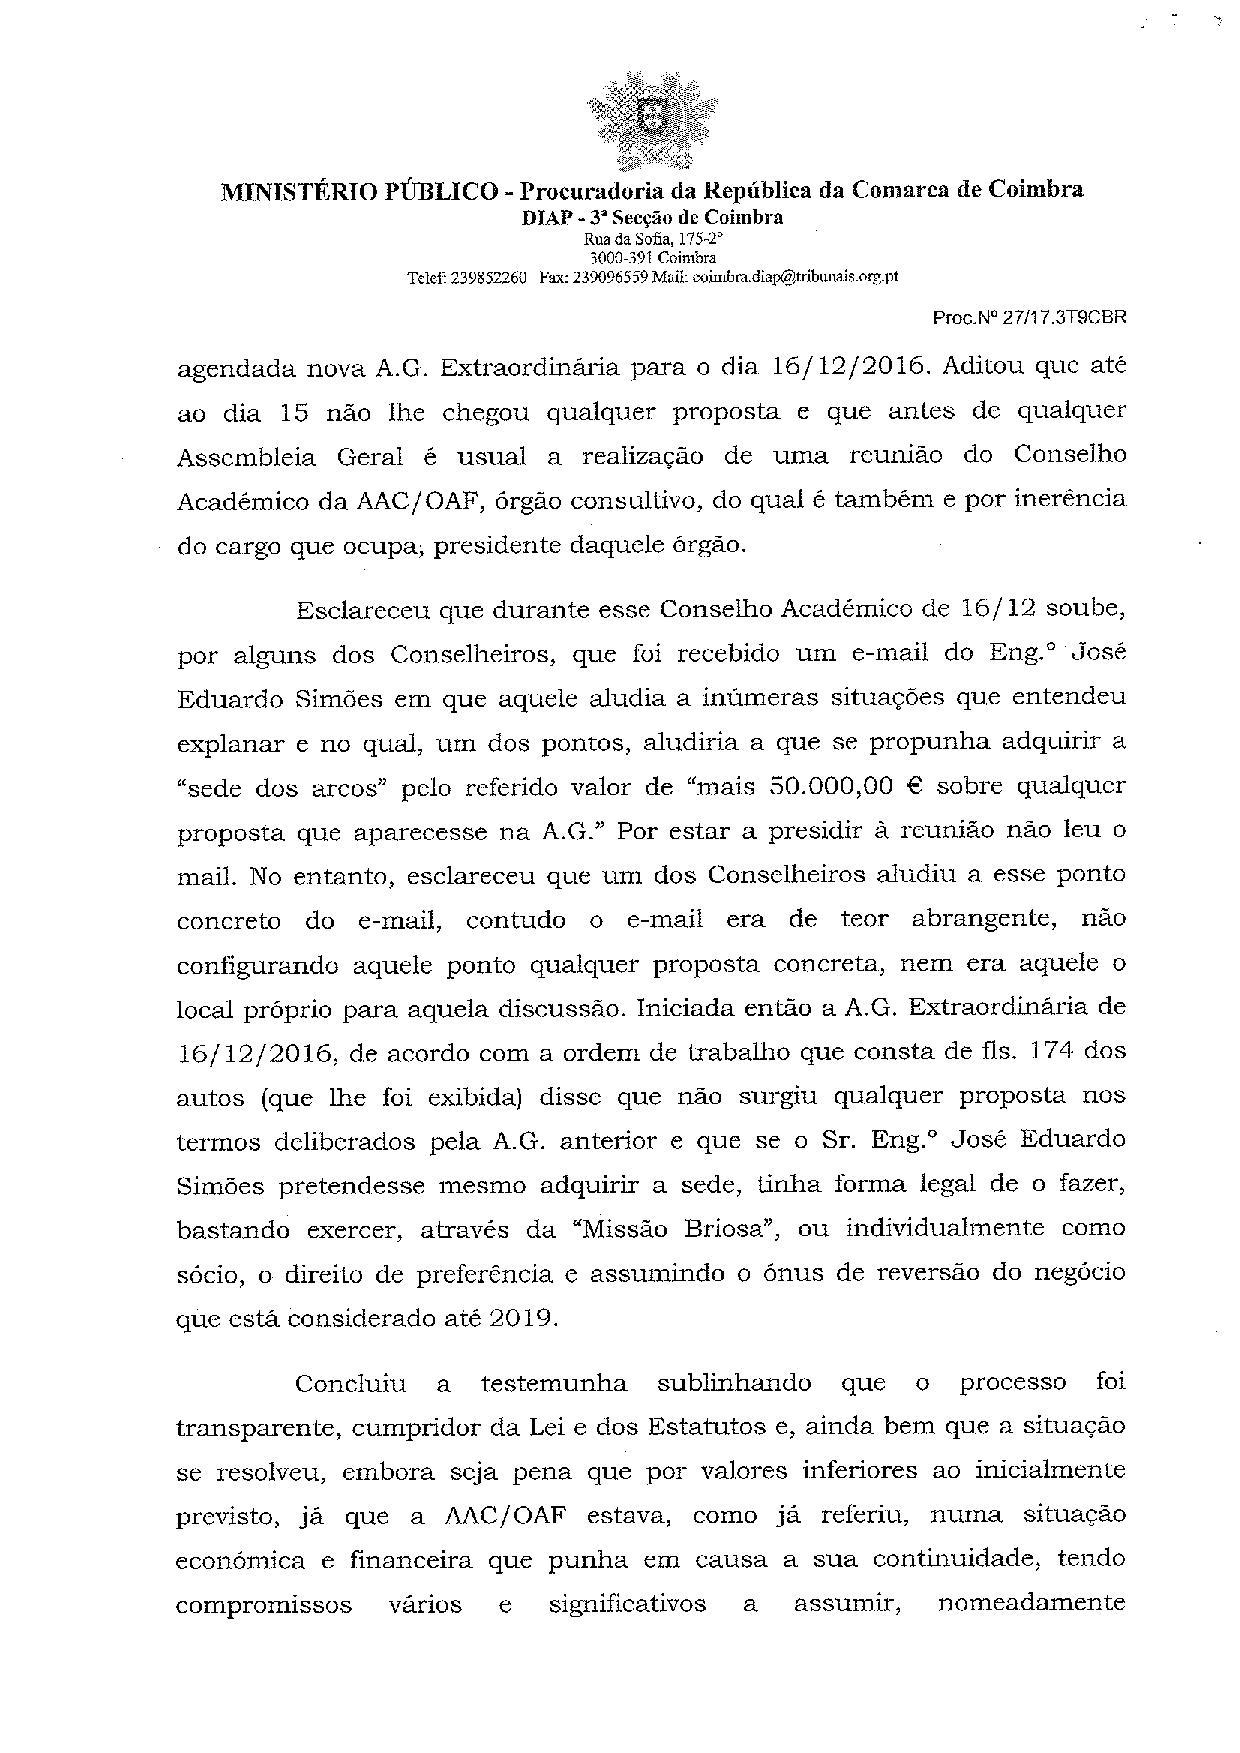 ACA-page-019